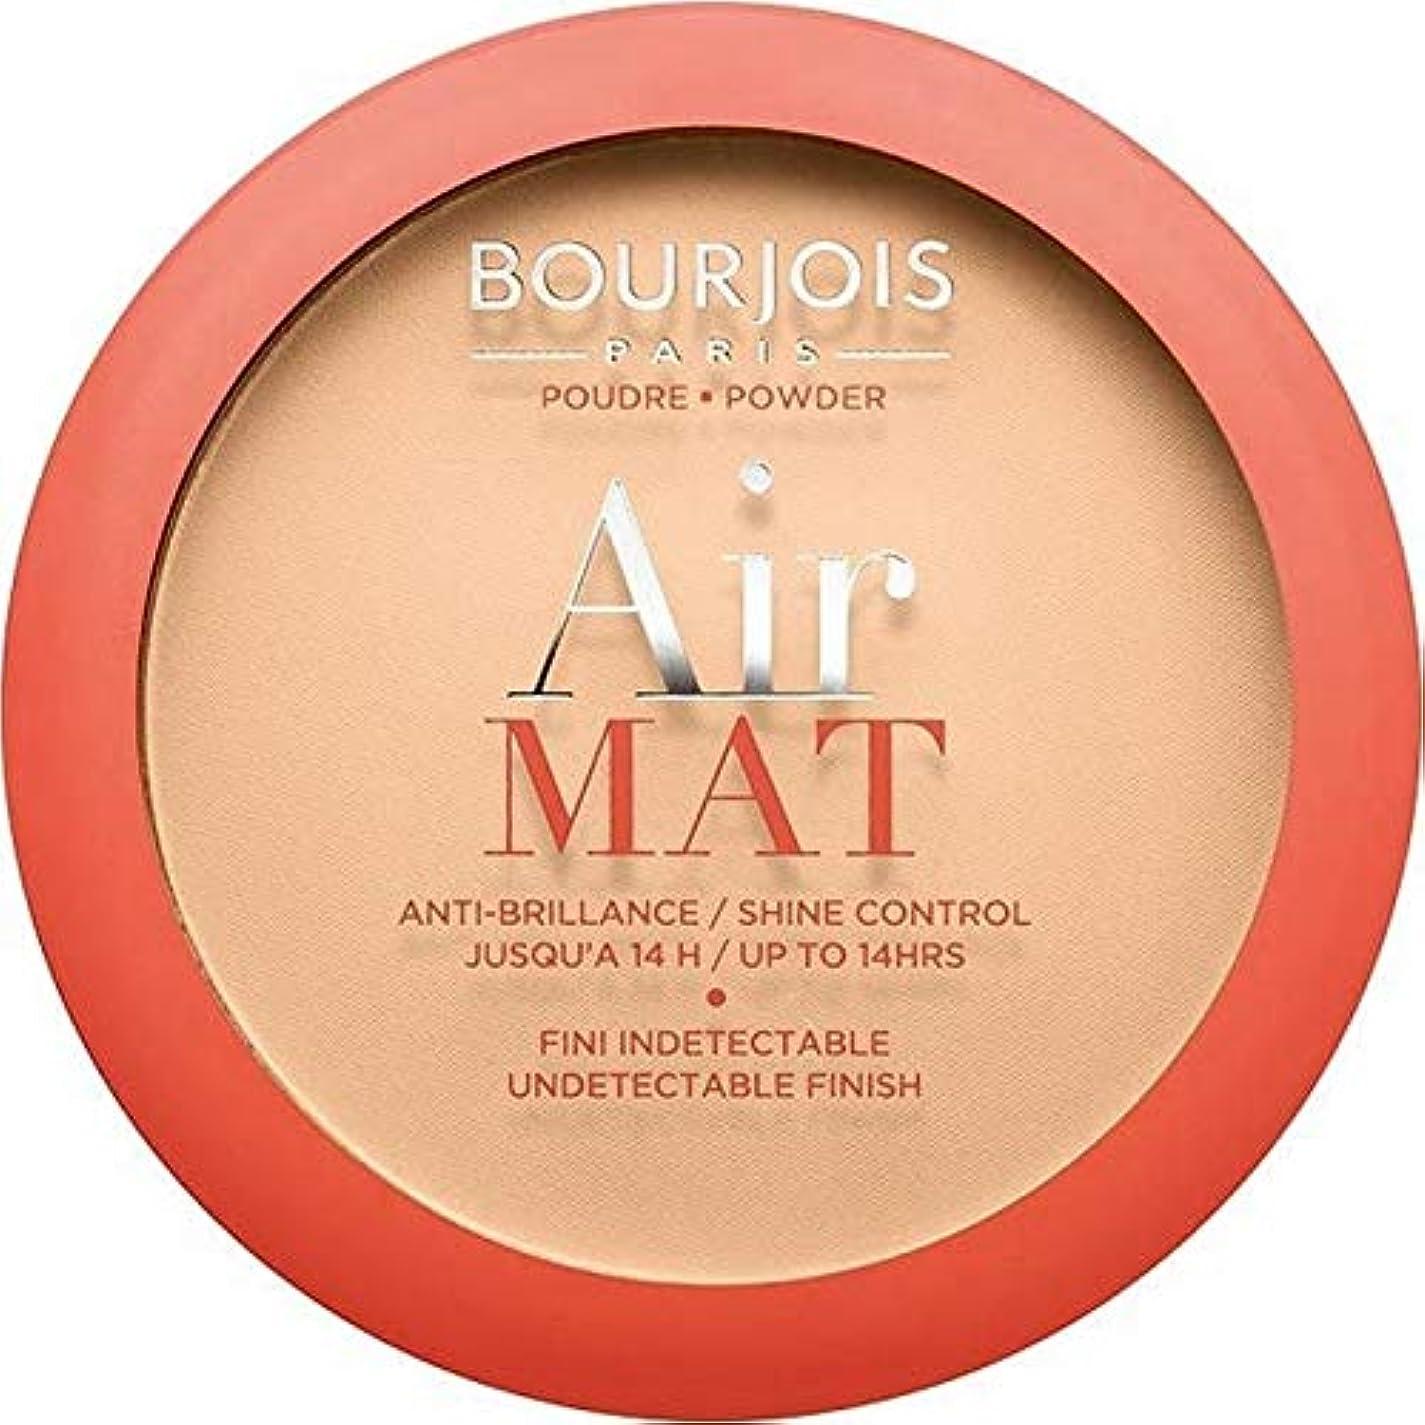 慣性実際の傷つきやすい[Bourjois ] ブルジョワ空気マット圧粉 - ライトベージュ - Bourjois Air Mat Pressed Powder - Light Beige [並行輸入品]